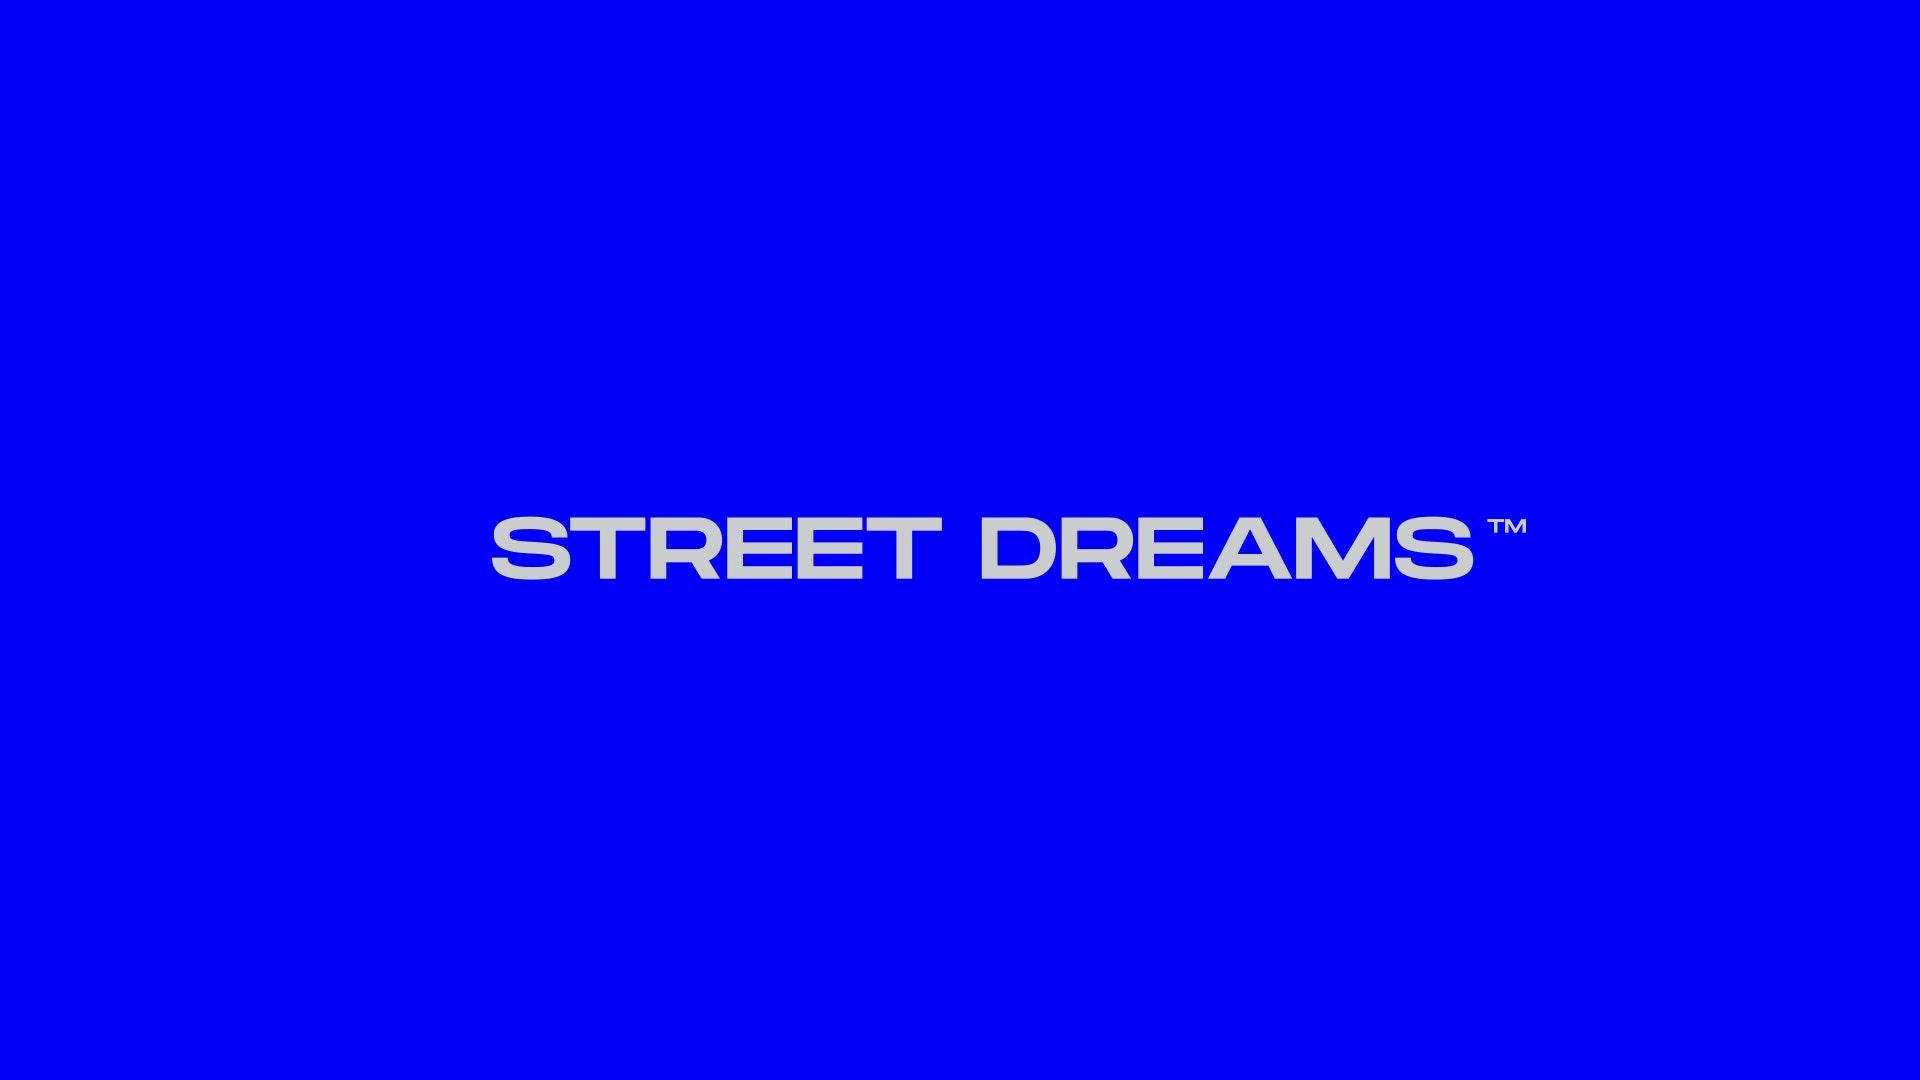 RM  ☯︎ - Street Dreams - Brand Presentation by BK.002